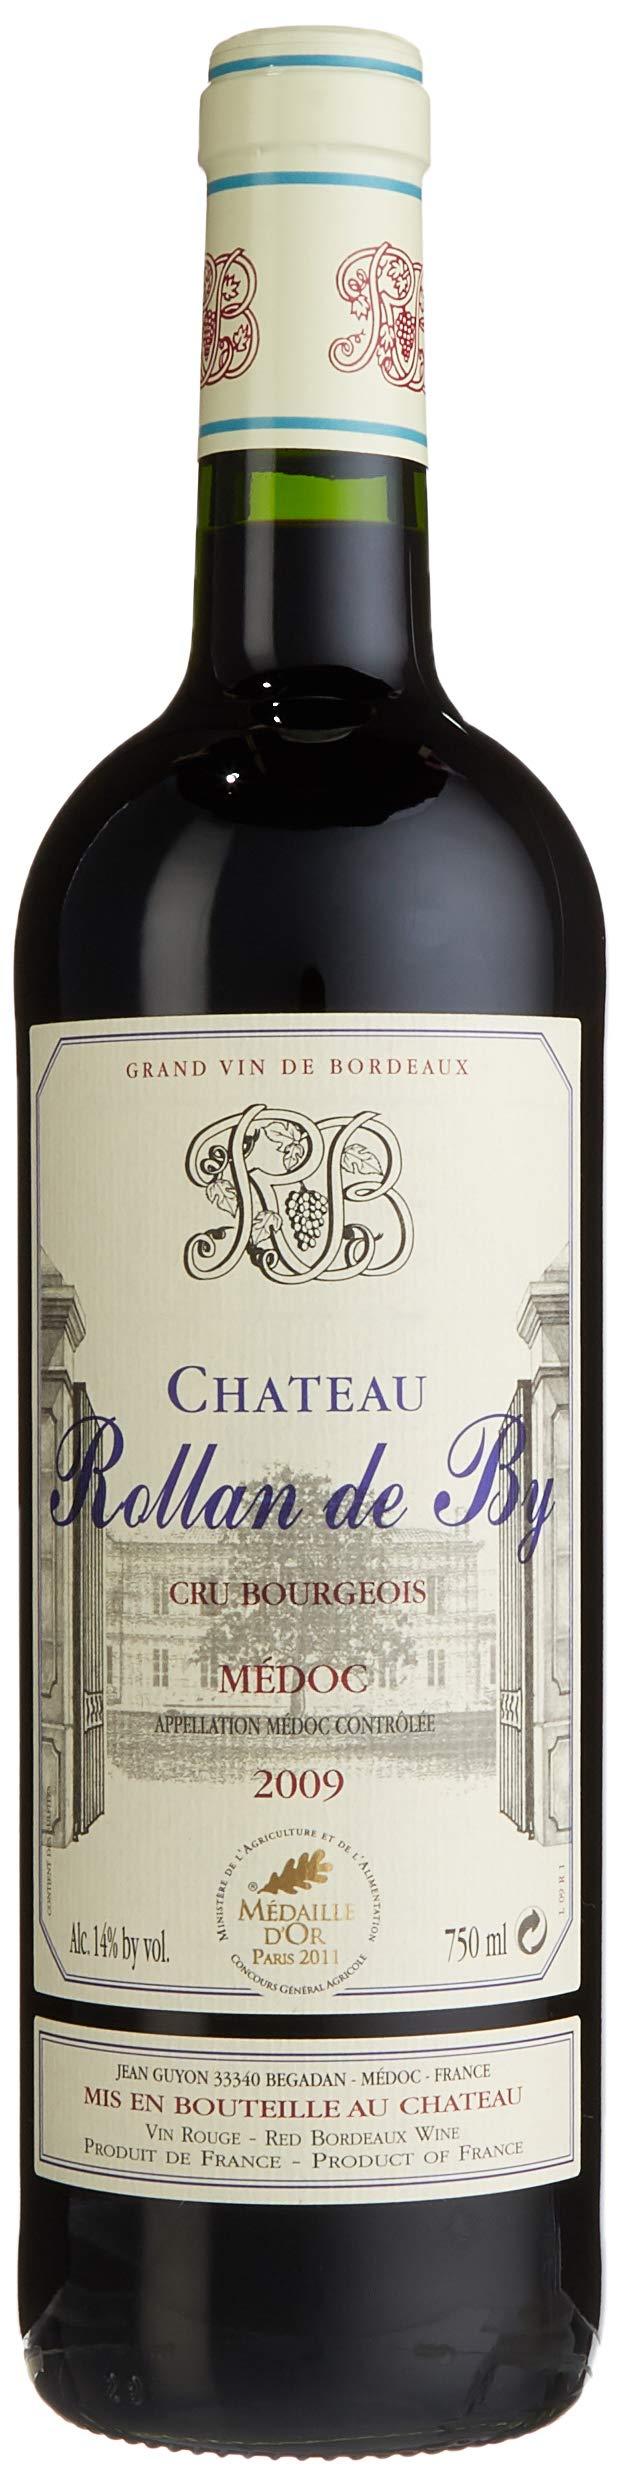 Chateau-Rollan-de-By-Chteau-Rollan-de-By-Mdoc-Merlot-2009-Trocken-1-x-075-l